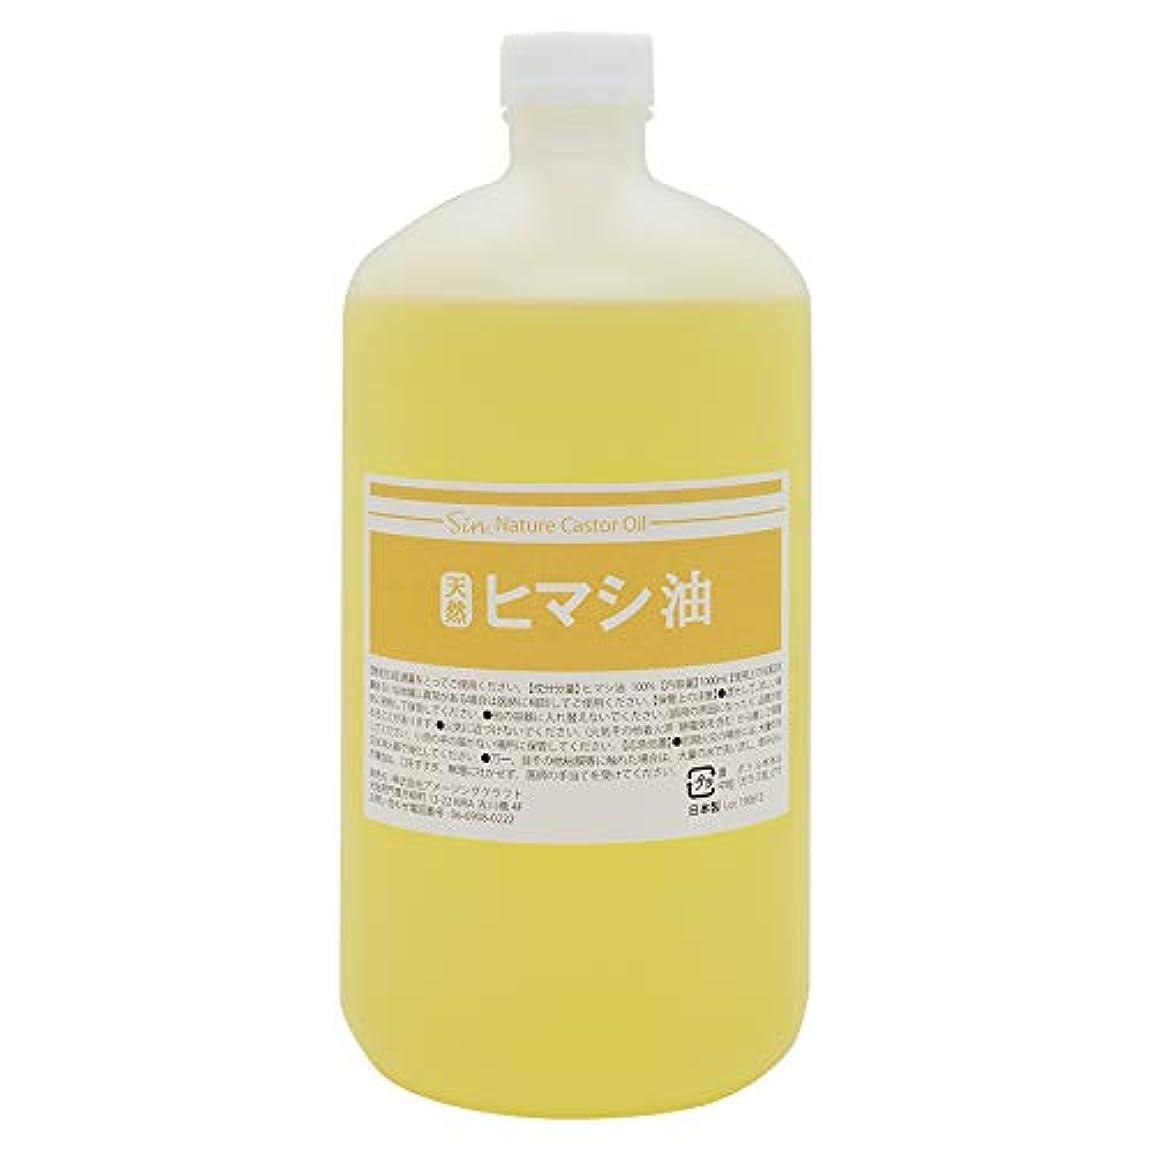 有料拡大するタックル天然無添加 国内精製 ひまし油 1000ml (ヒマシ油 キャスターオイル)